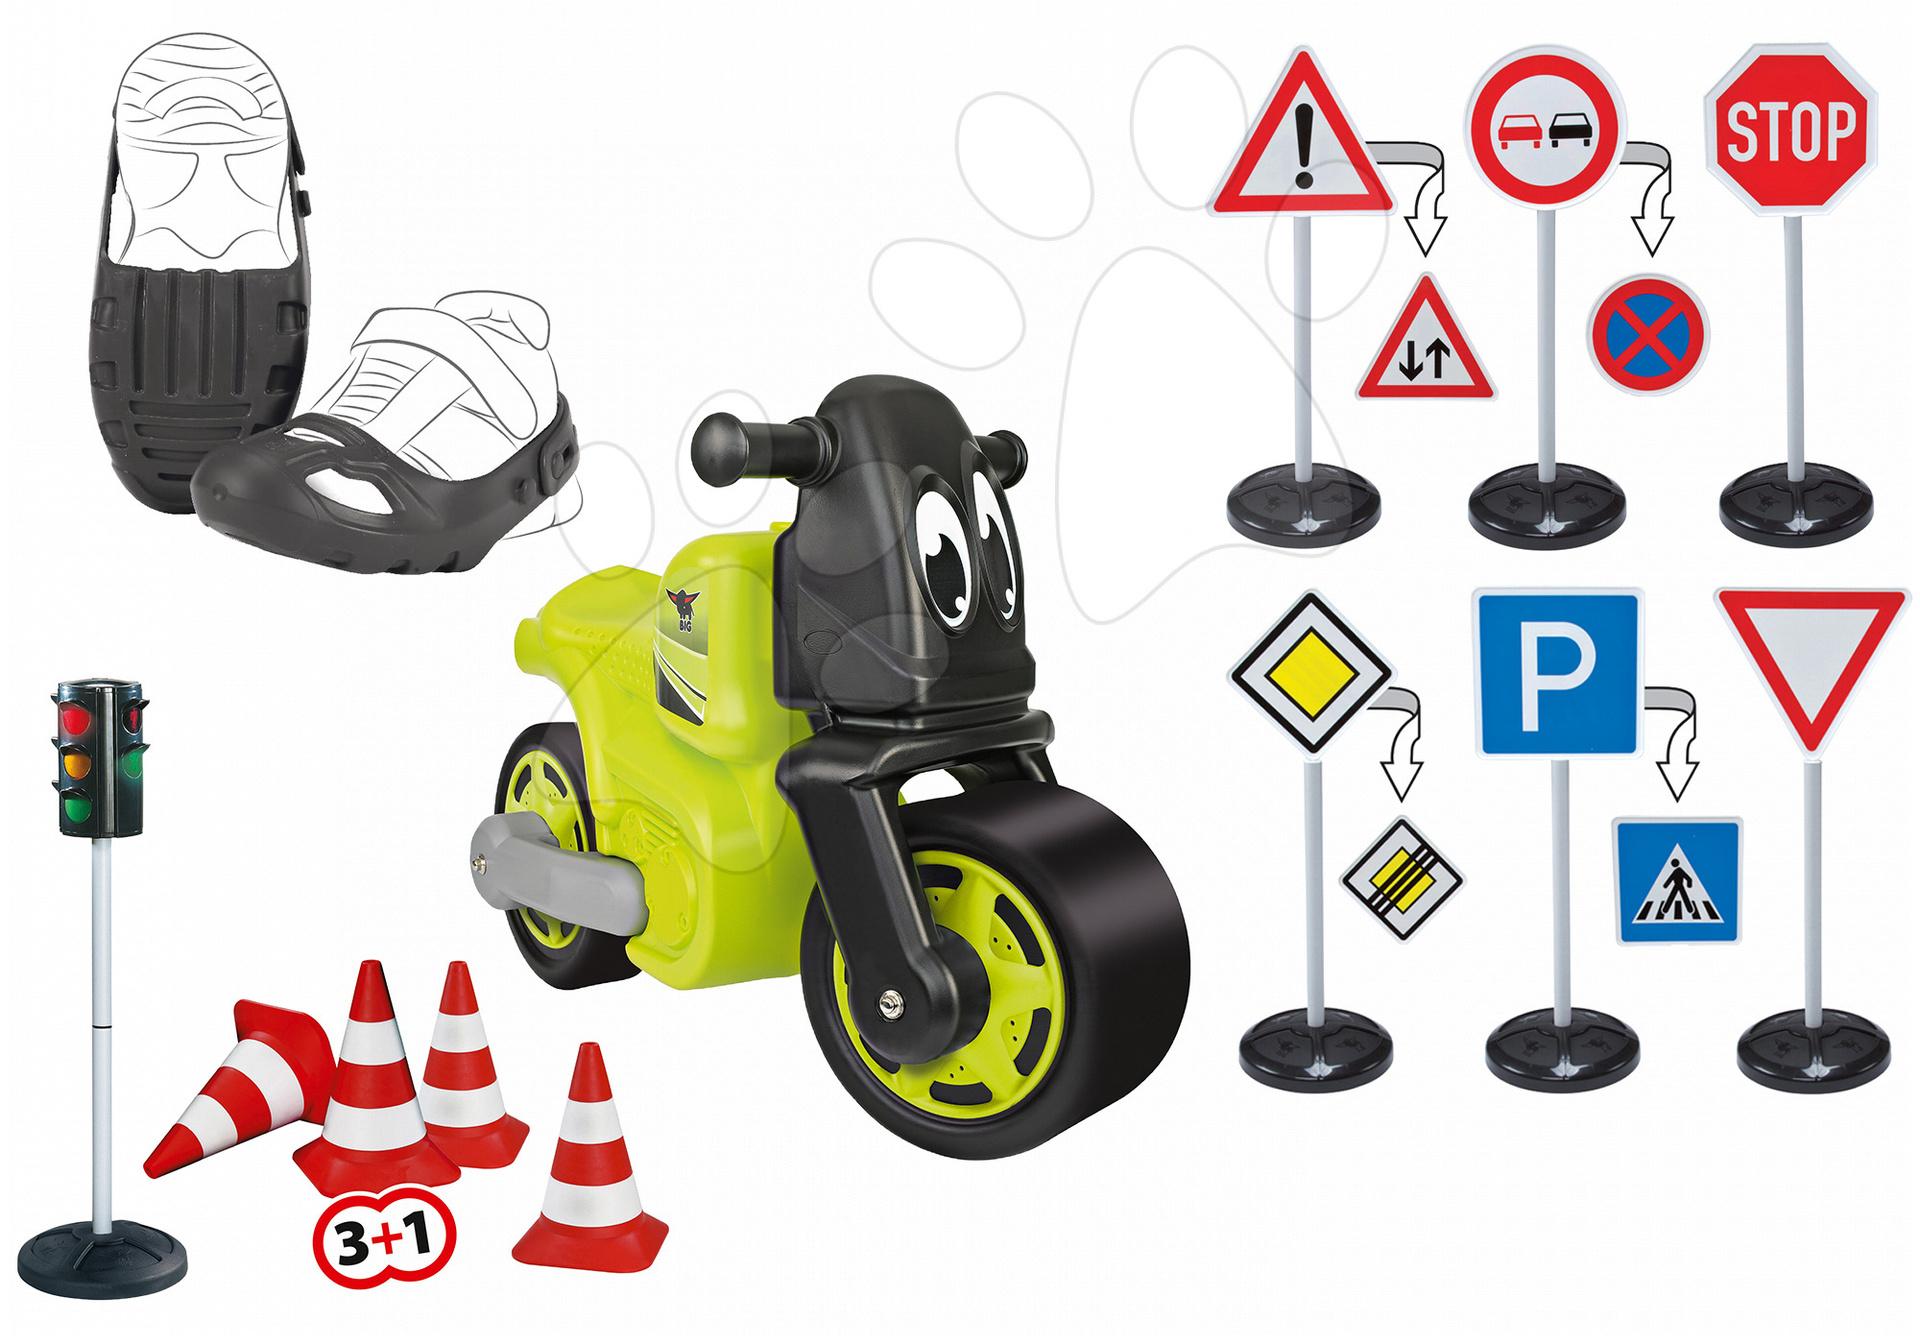 Odrážedlo motorka Racing Bike BIG a ochranné návleky, dopravní značky, semafor, silniční kužely od 18 měsíců